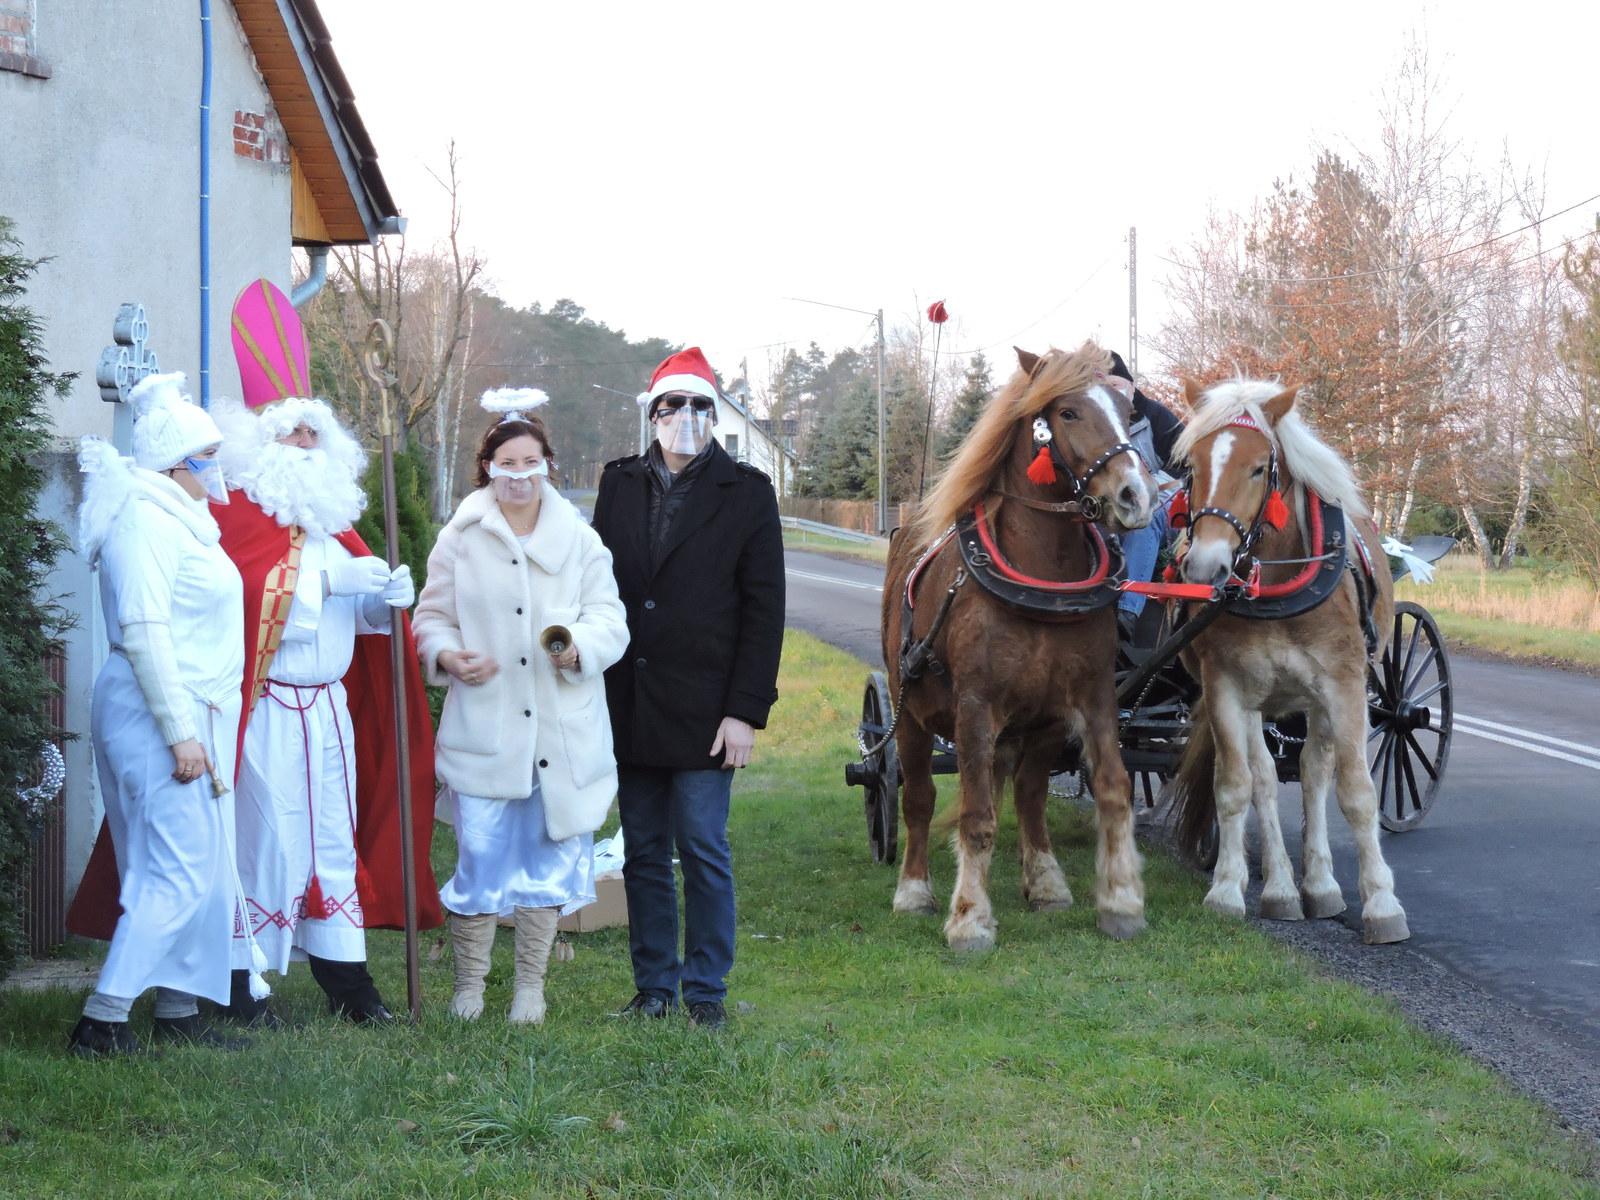 Orszak św. Mikołaja w Brynicy - aniołki, św. Mikołaj, sołtys oraz bryczka